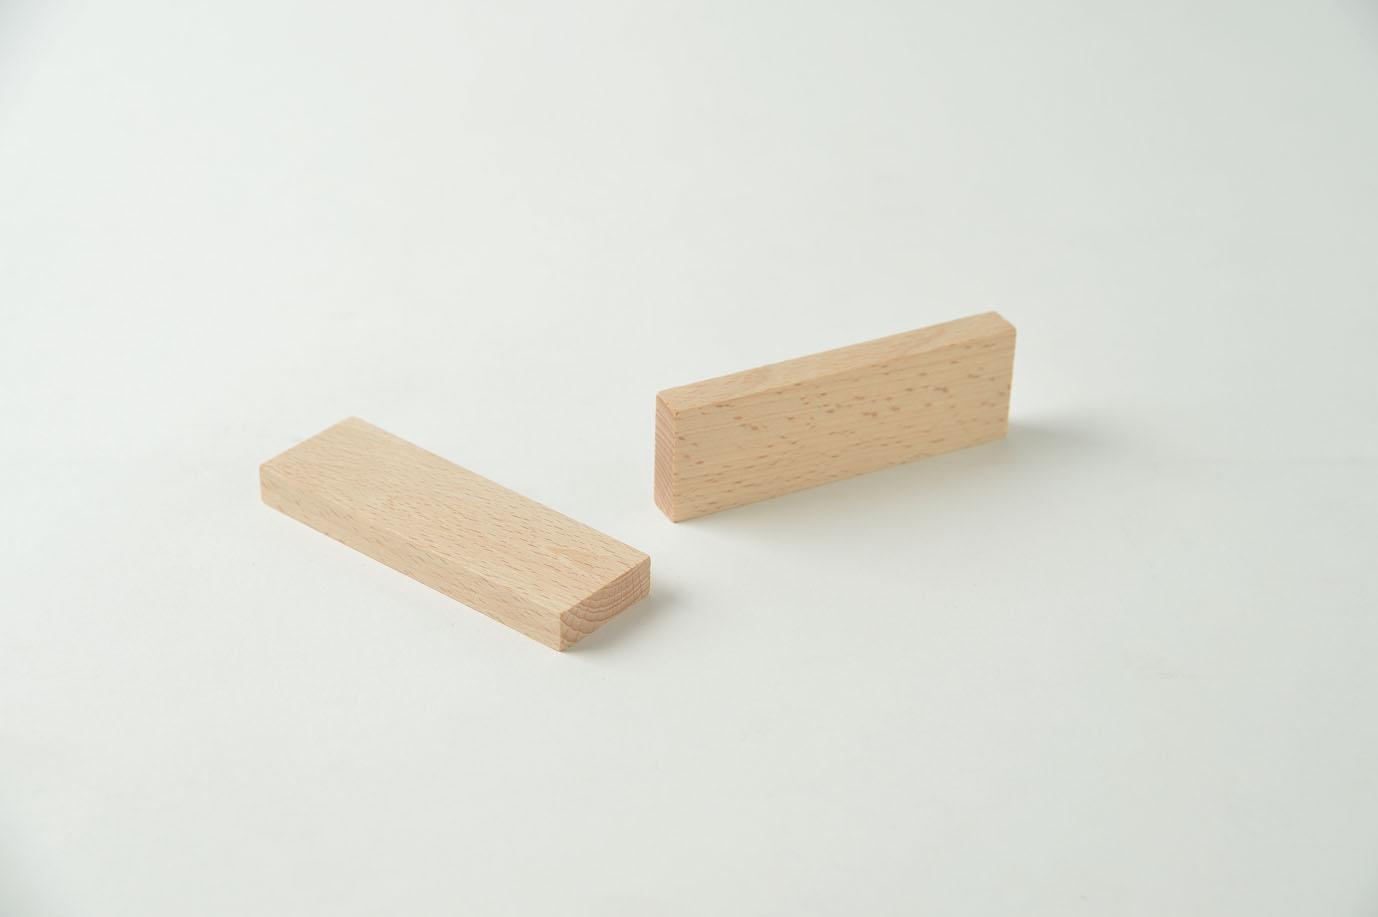 子どもお創造力を育むオリジナル木製つみき ブナつみき Mu:ku